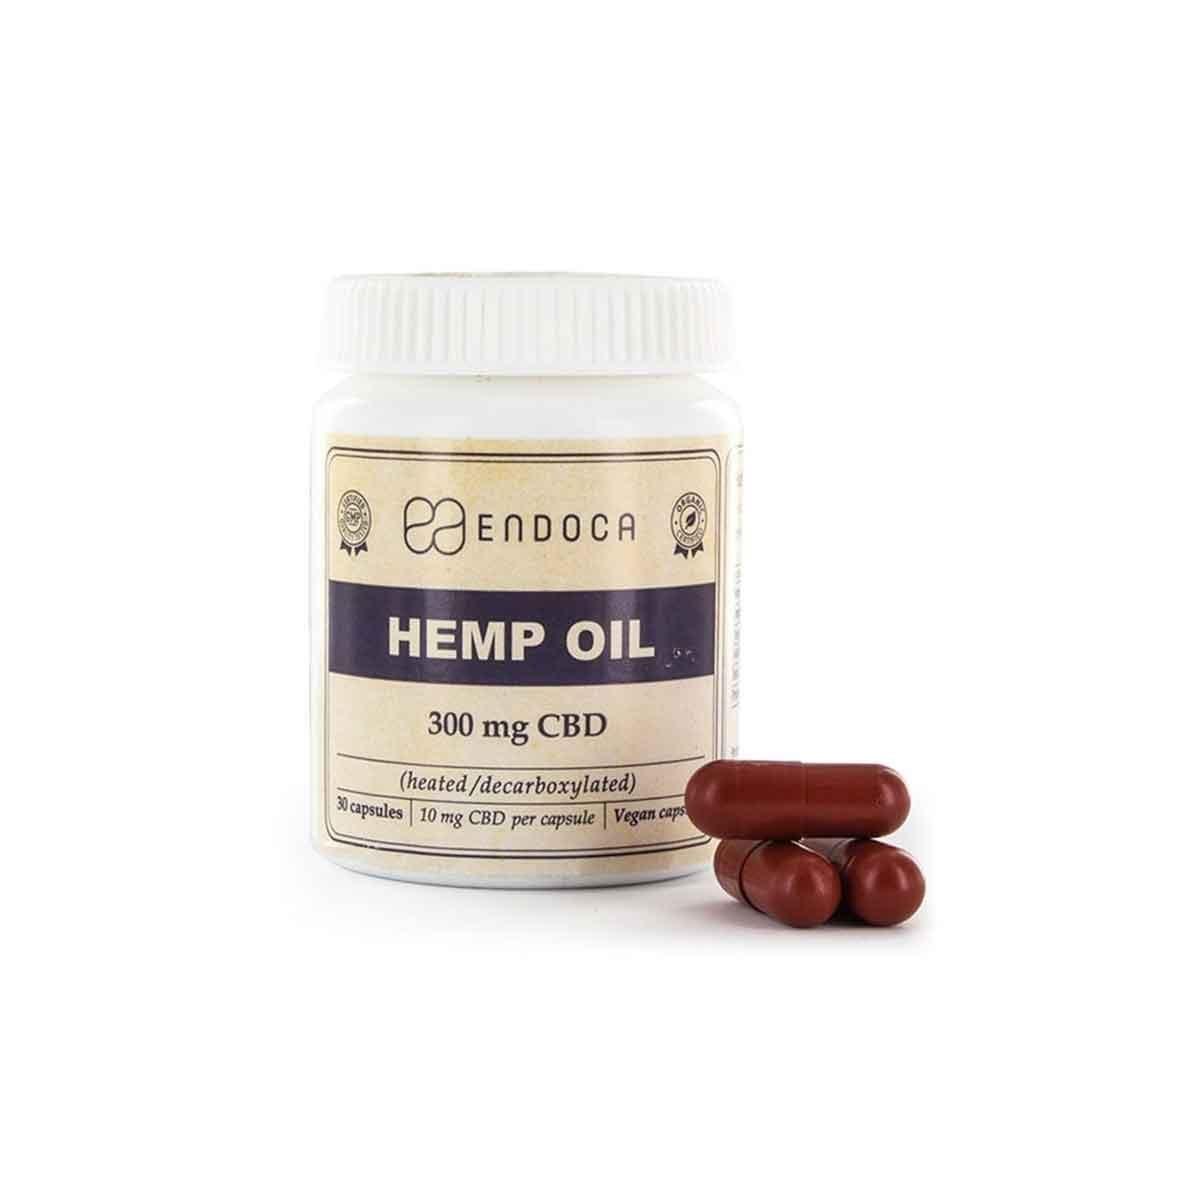 Hemp Oil Capsules CBD 300mg - BUY WEED ONLINE